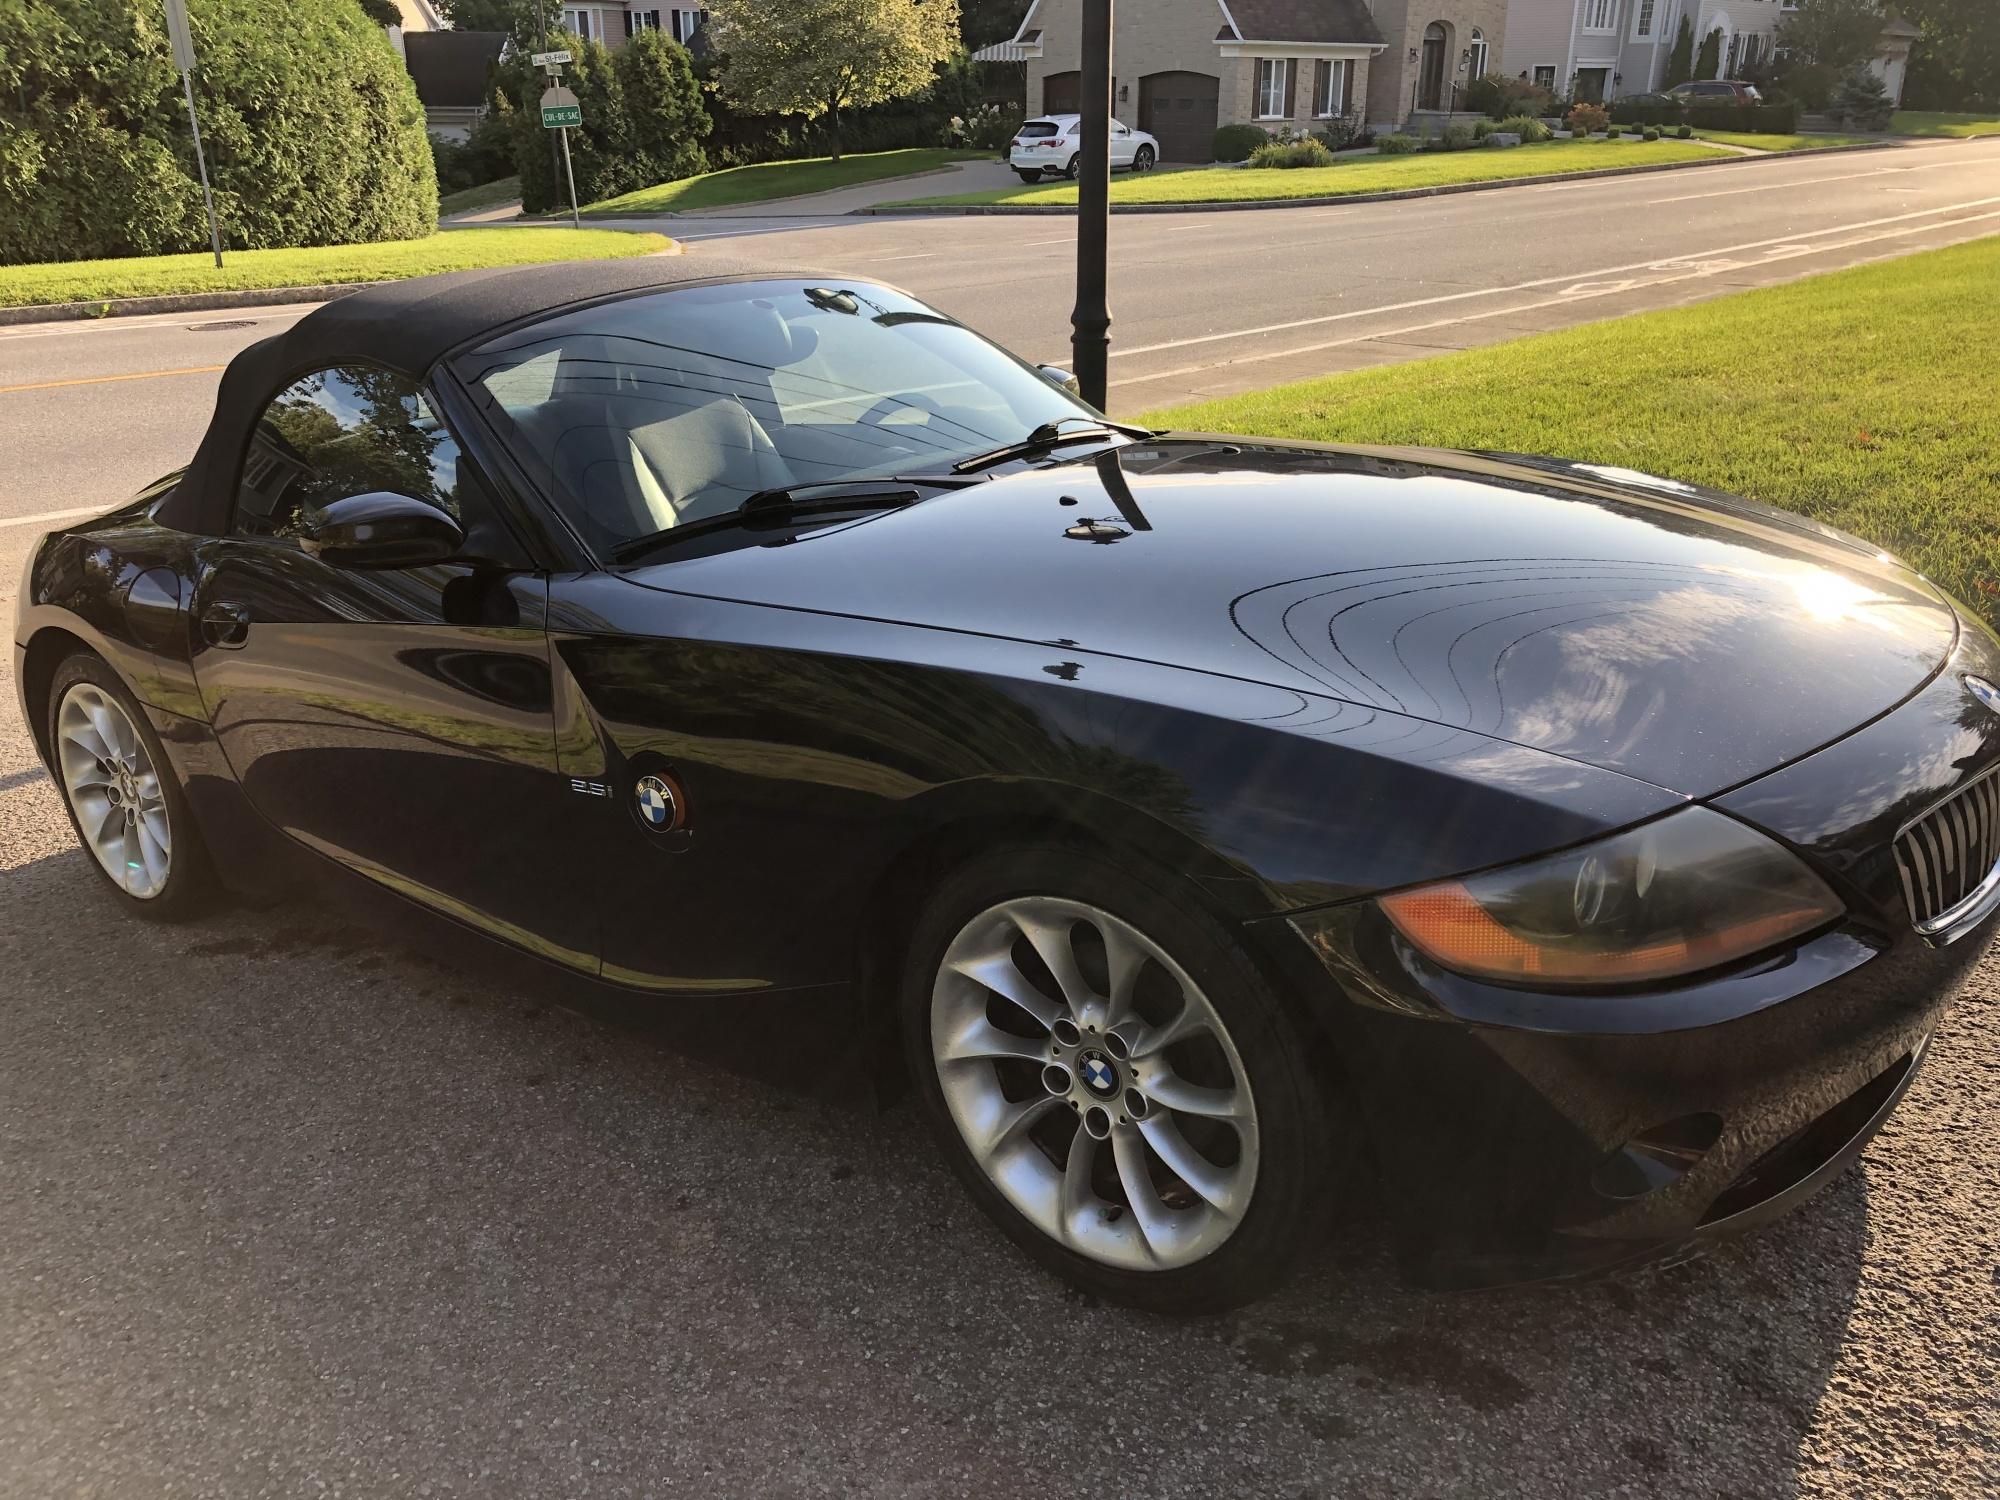 BMW Z4 - Photo 19-09-09 17 41 46 (1)